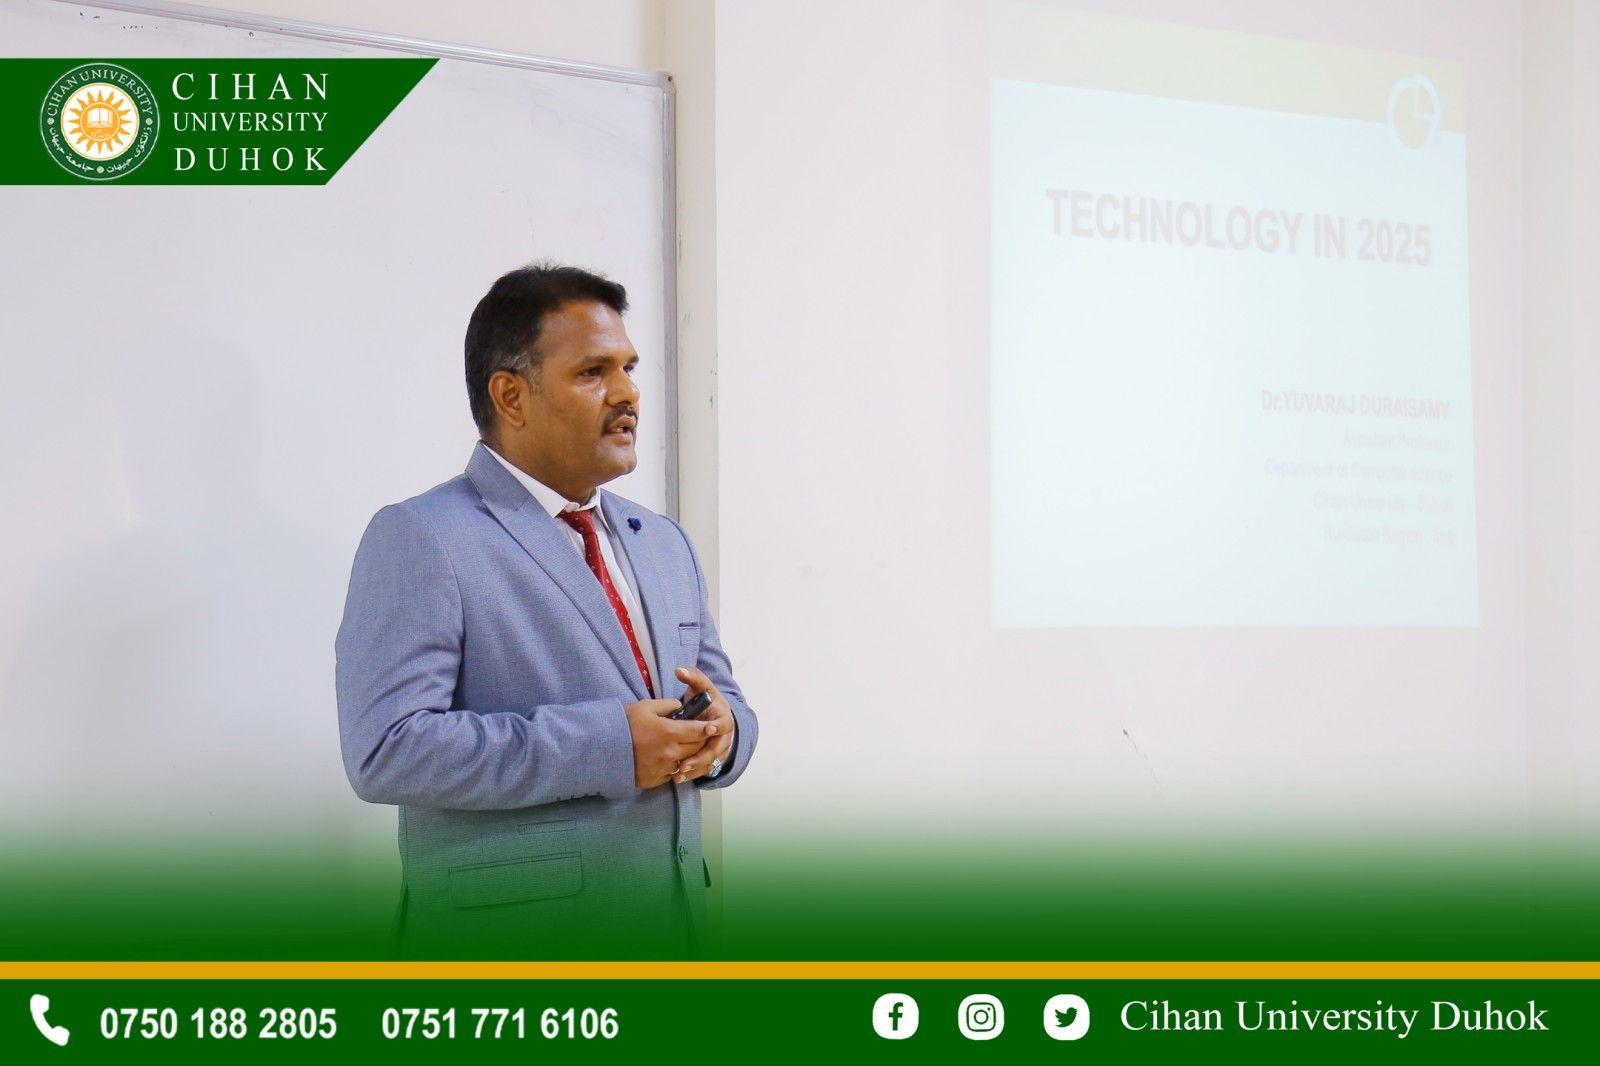 جامعة جيهان -دهوك والاهتمام بقدرات العلمية والاكاديمية للاساتذة